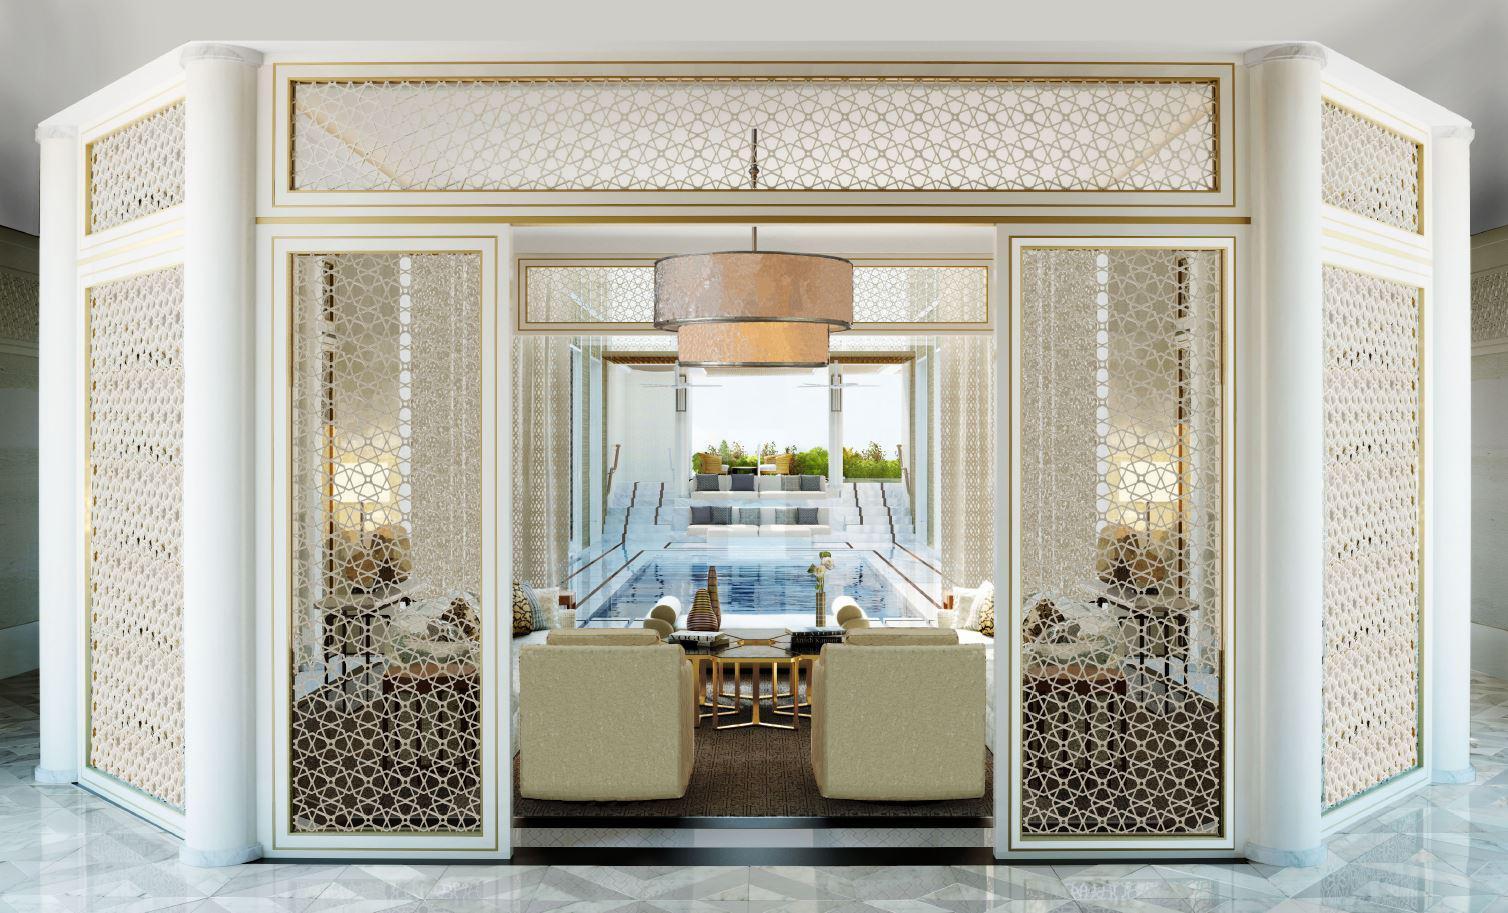 Sliding doors in Mandarin Oriental Hotel - Helaform